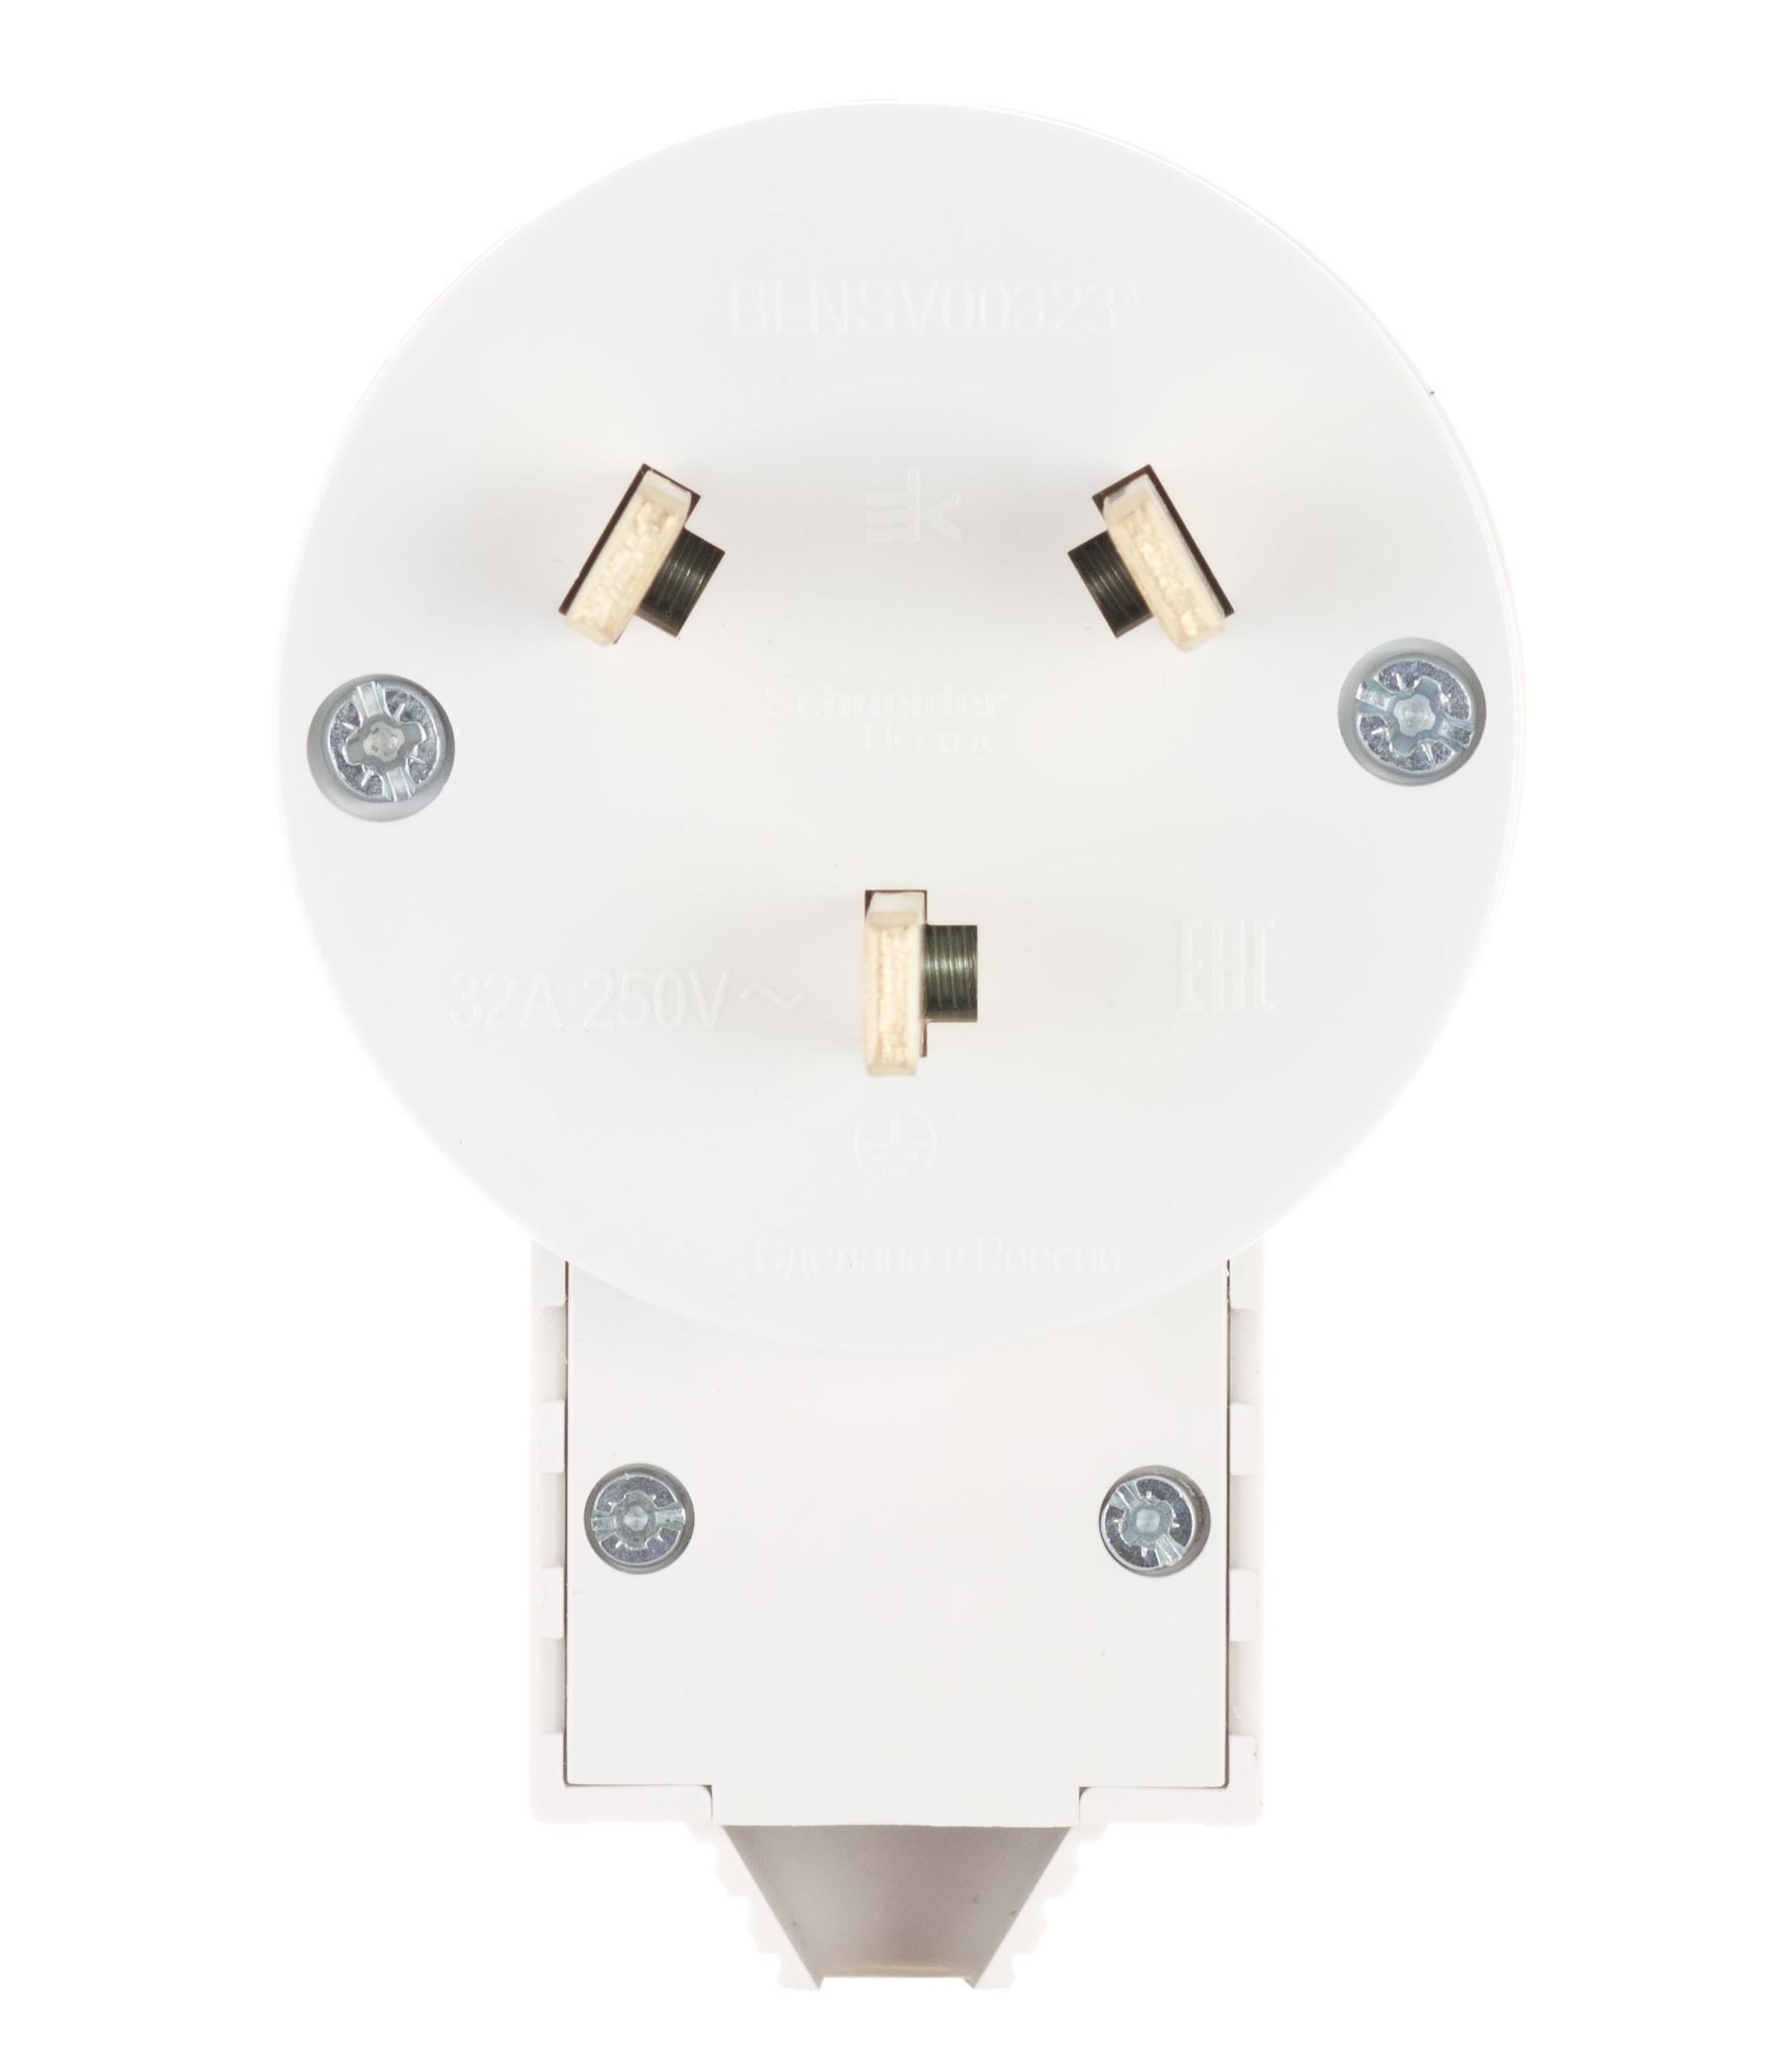 Вилка Schneider electric Blnsv003231